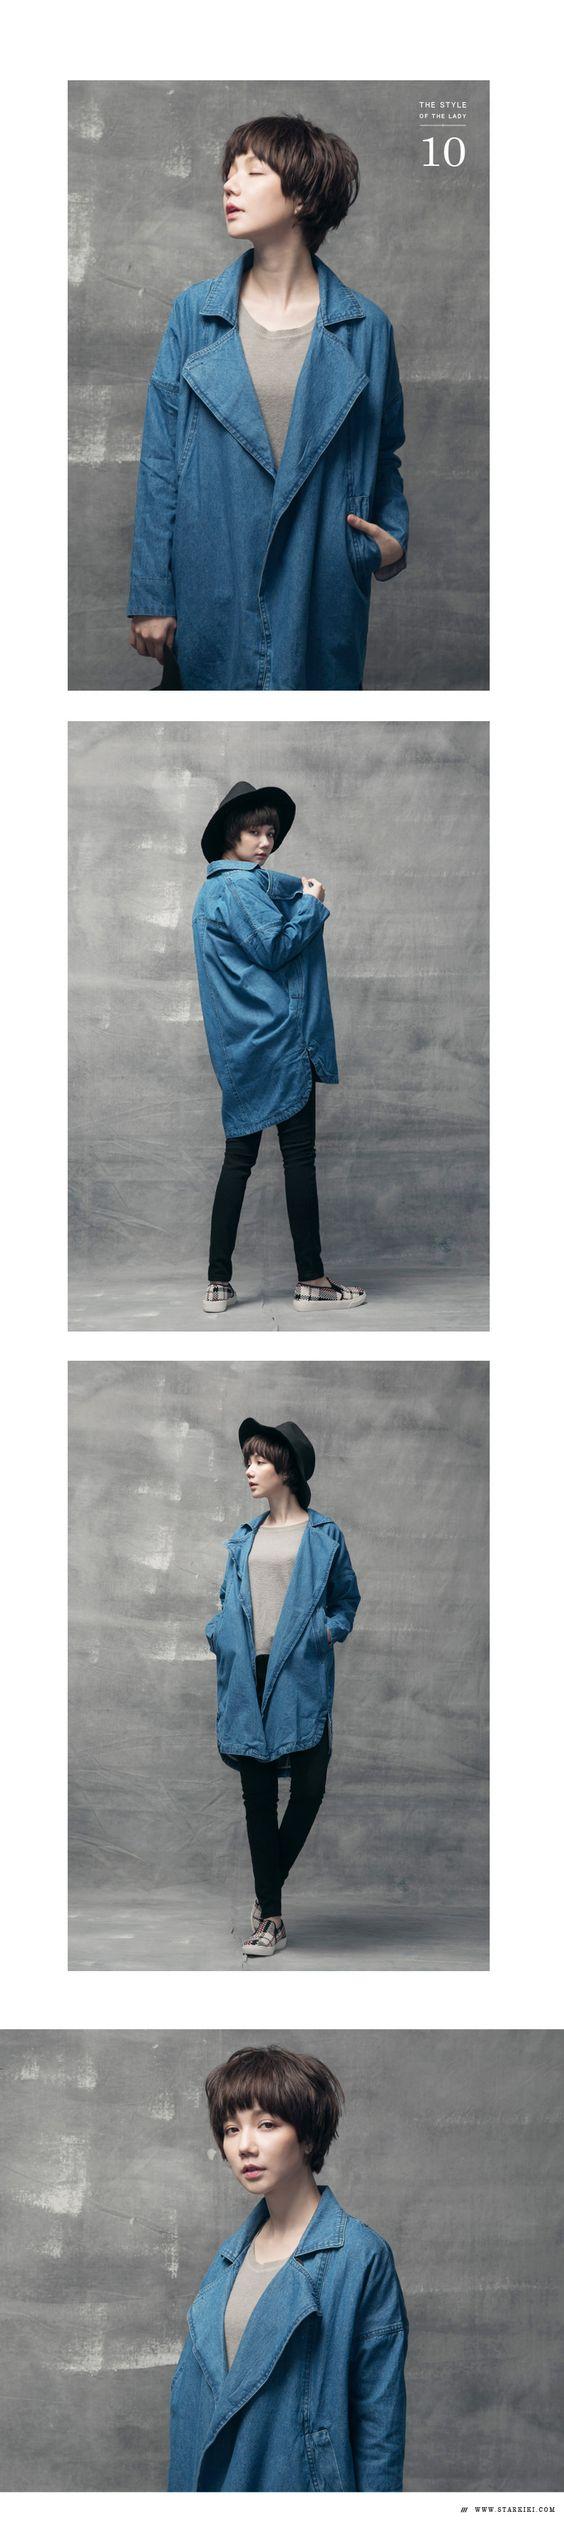 獨家設計質感水洗牛仔外套 / 1色 - STAR KIKI l Fashion & Perfect Style.